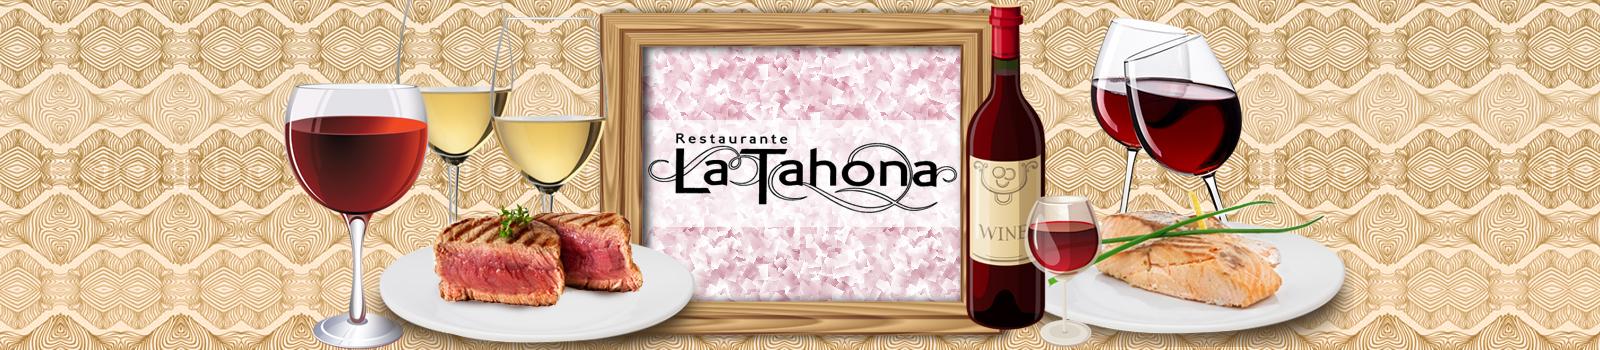 Restaurante La Tahona,cocina tradicional,bodega de vinos centro valladolid